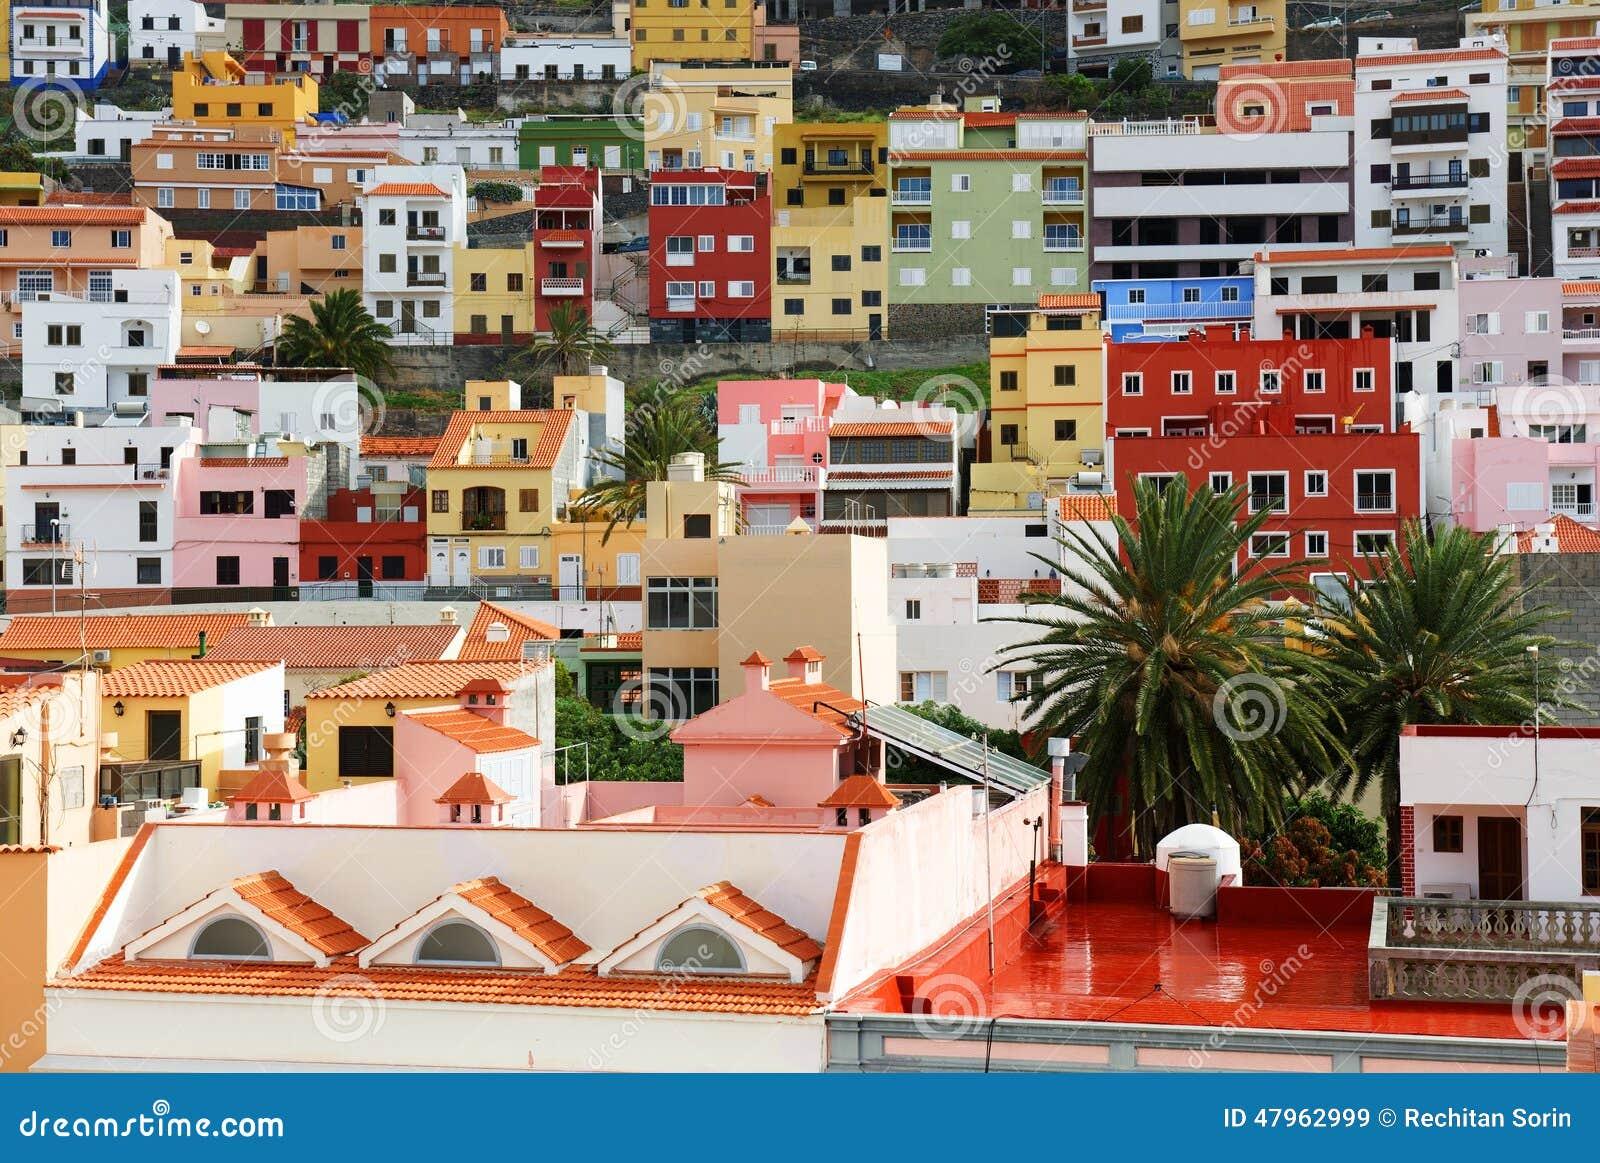 Architectural detail in San Sebastian de la Gomera